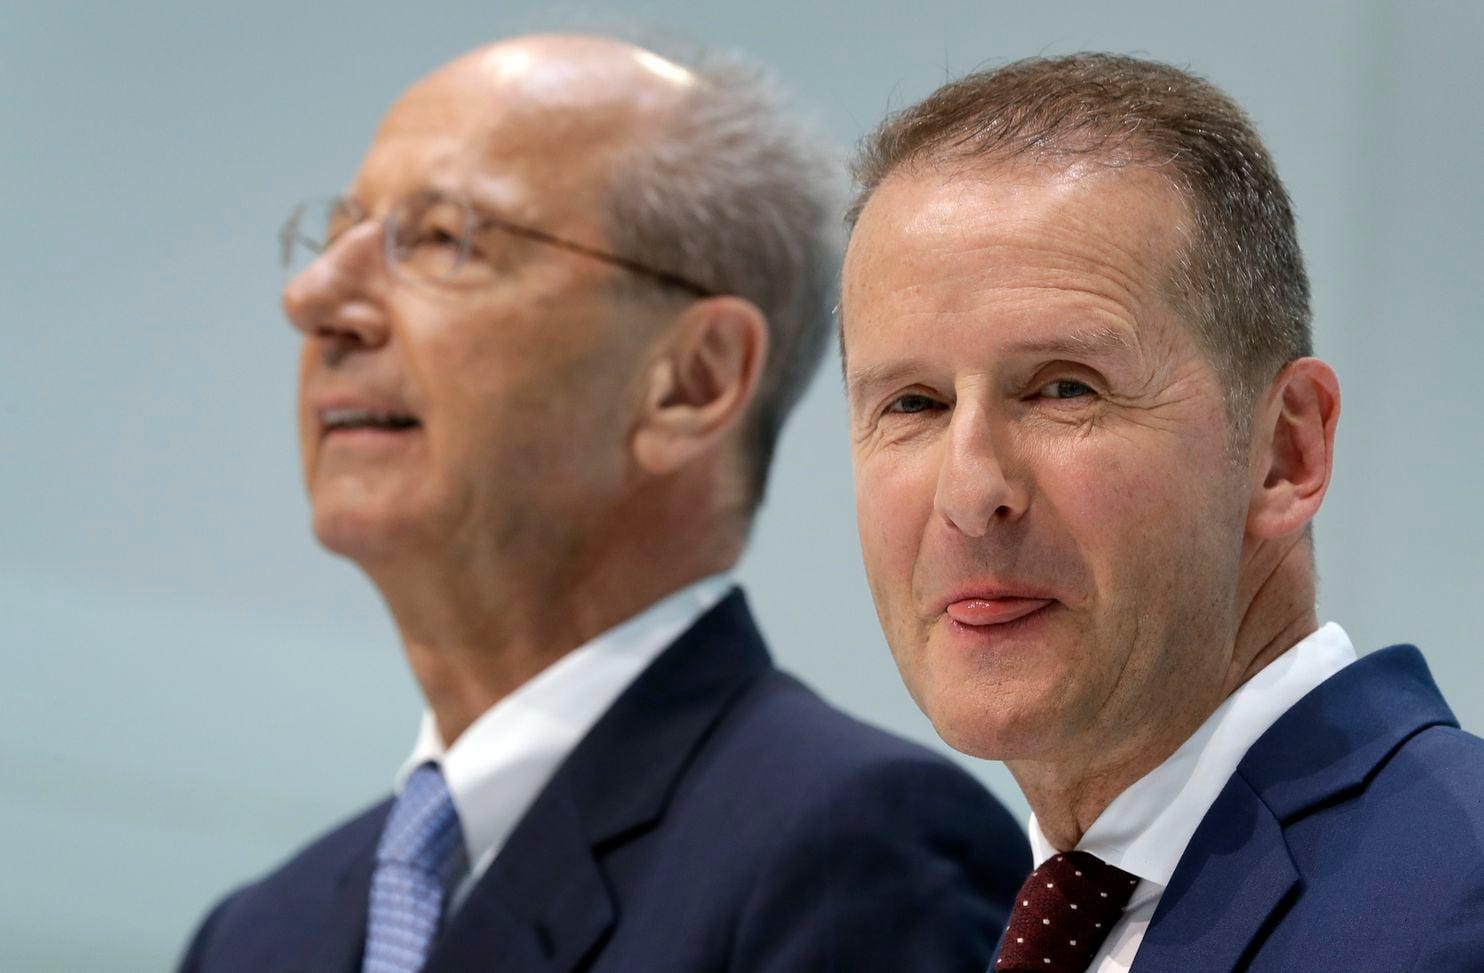 Dva vodeća rukovodioca VW grupe optužena za berzanske manipulacije